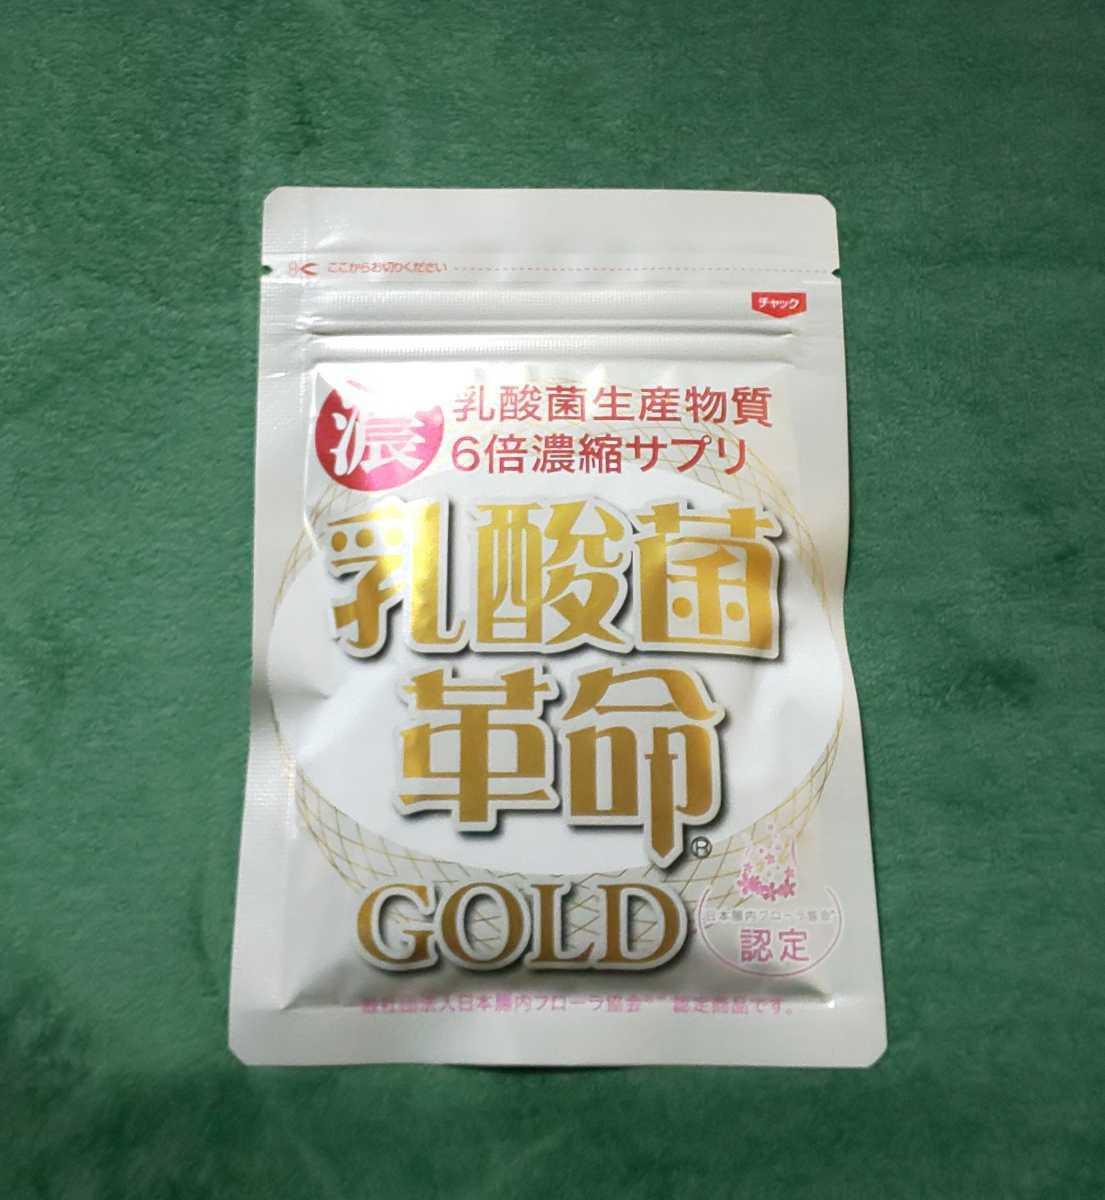 乳酸菌革命 GOLD 1袋62粒入り 新品未開封 送料無料☆_画像1